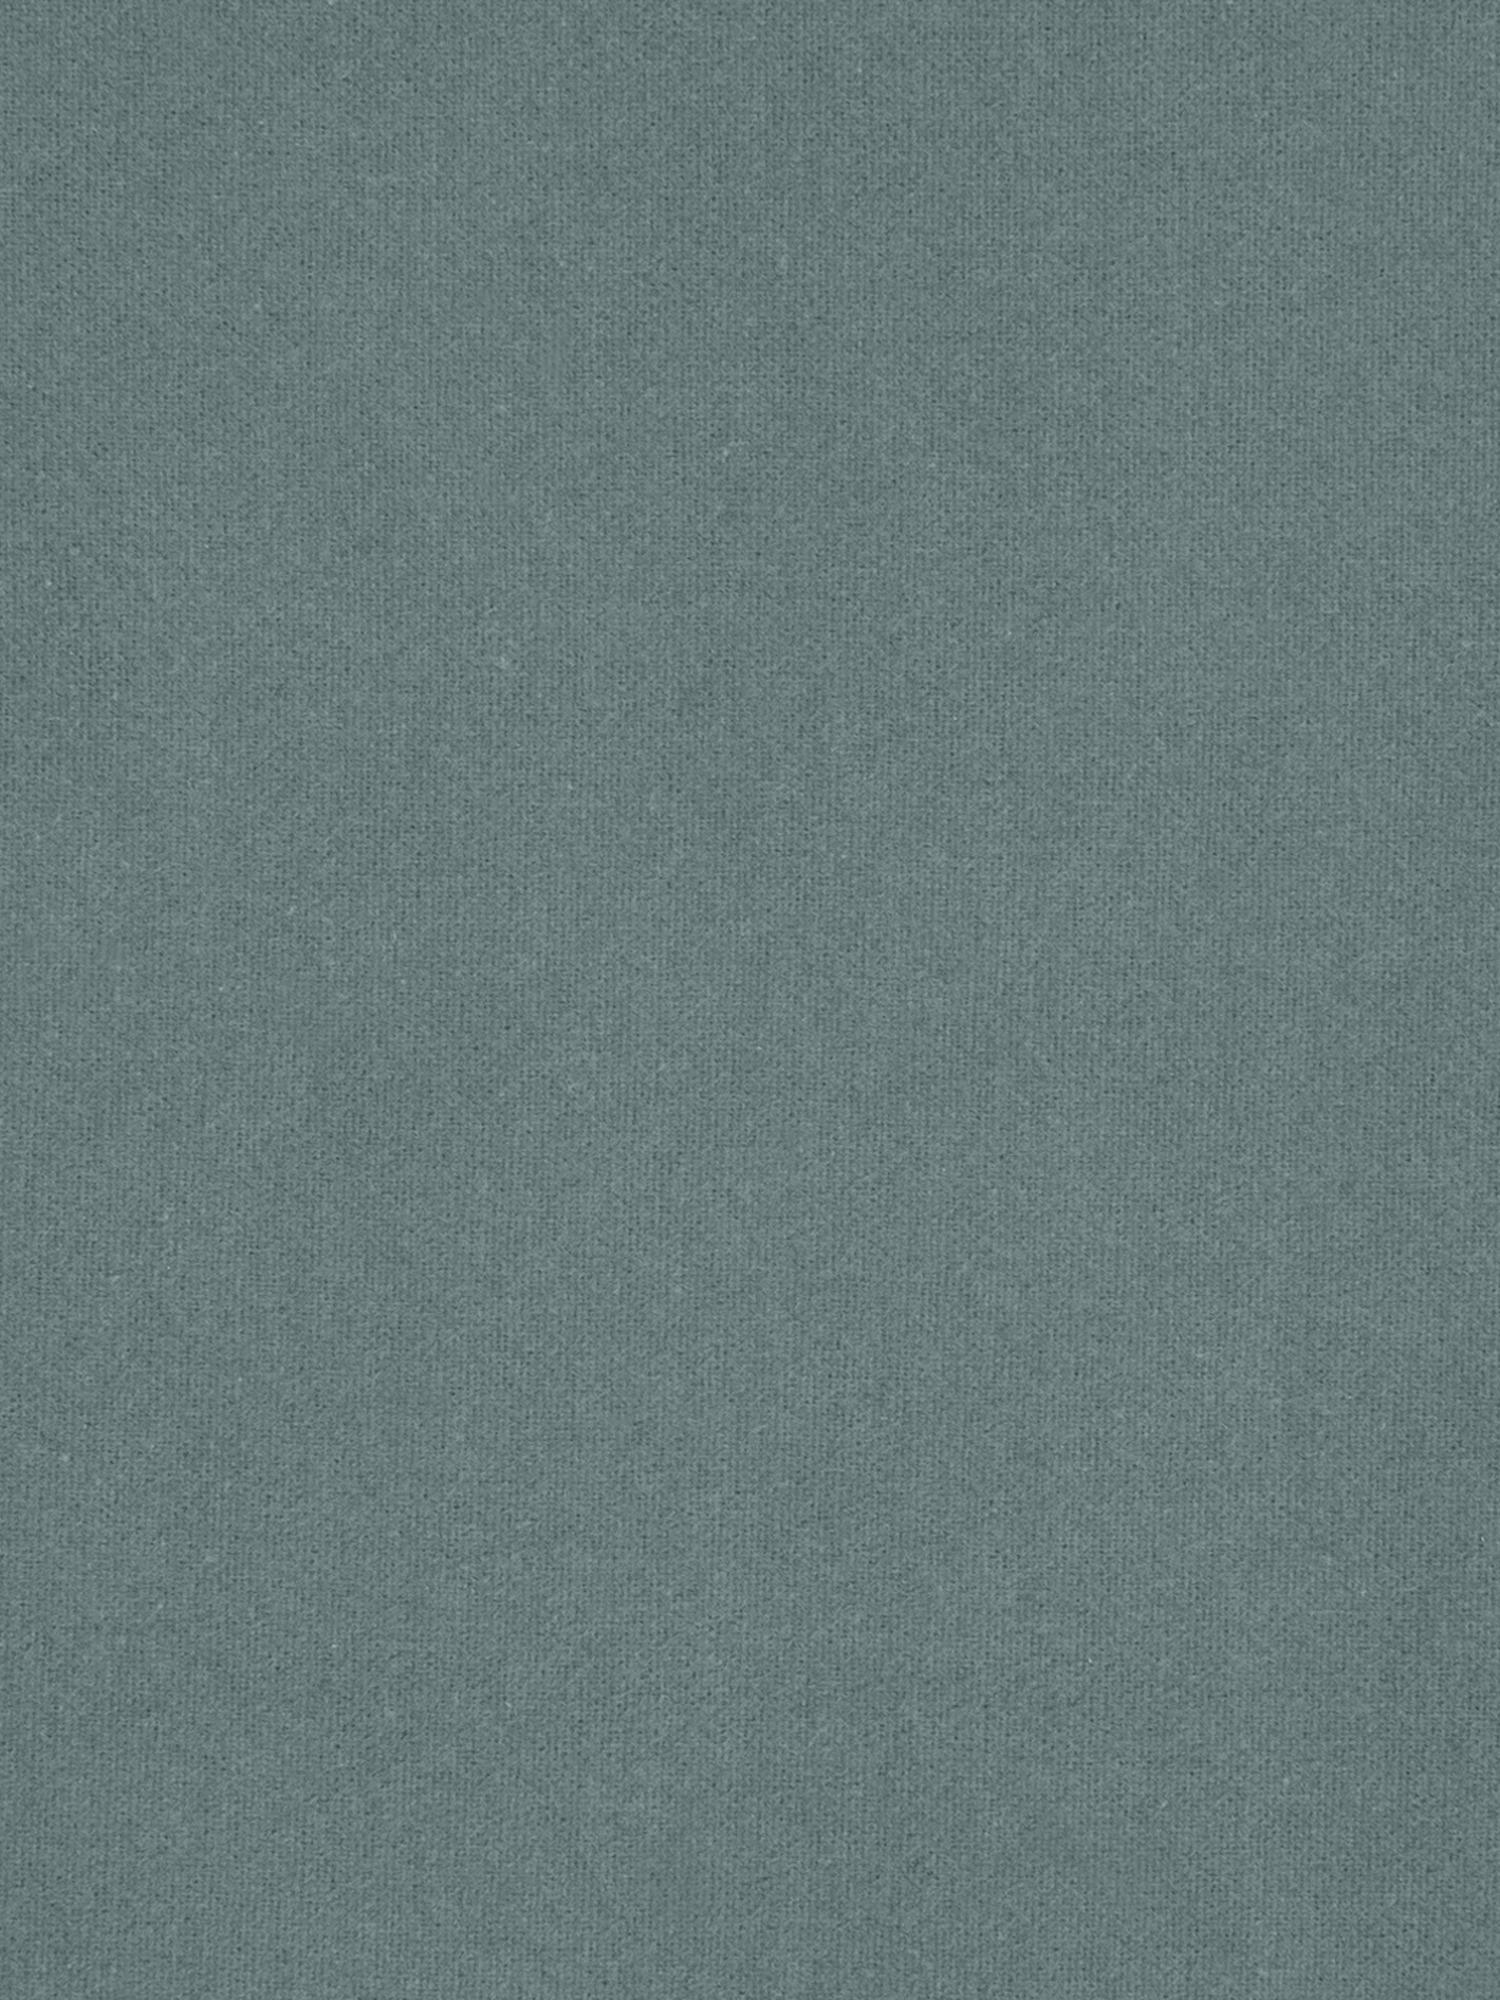 Spannbettlaken Biba in Grün, Flanell, Webart: Flanell, Grün, 180 x 200 cm